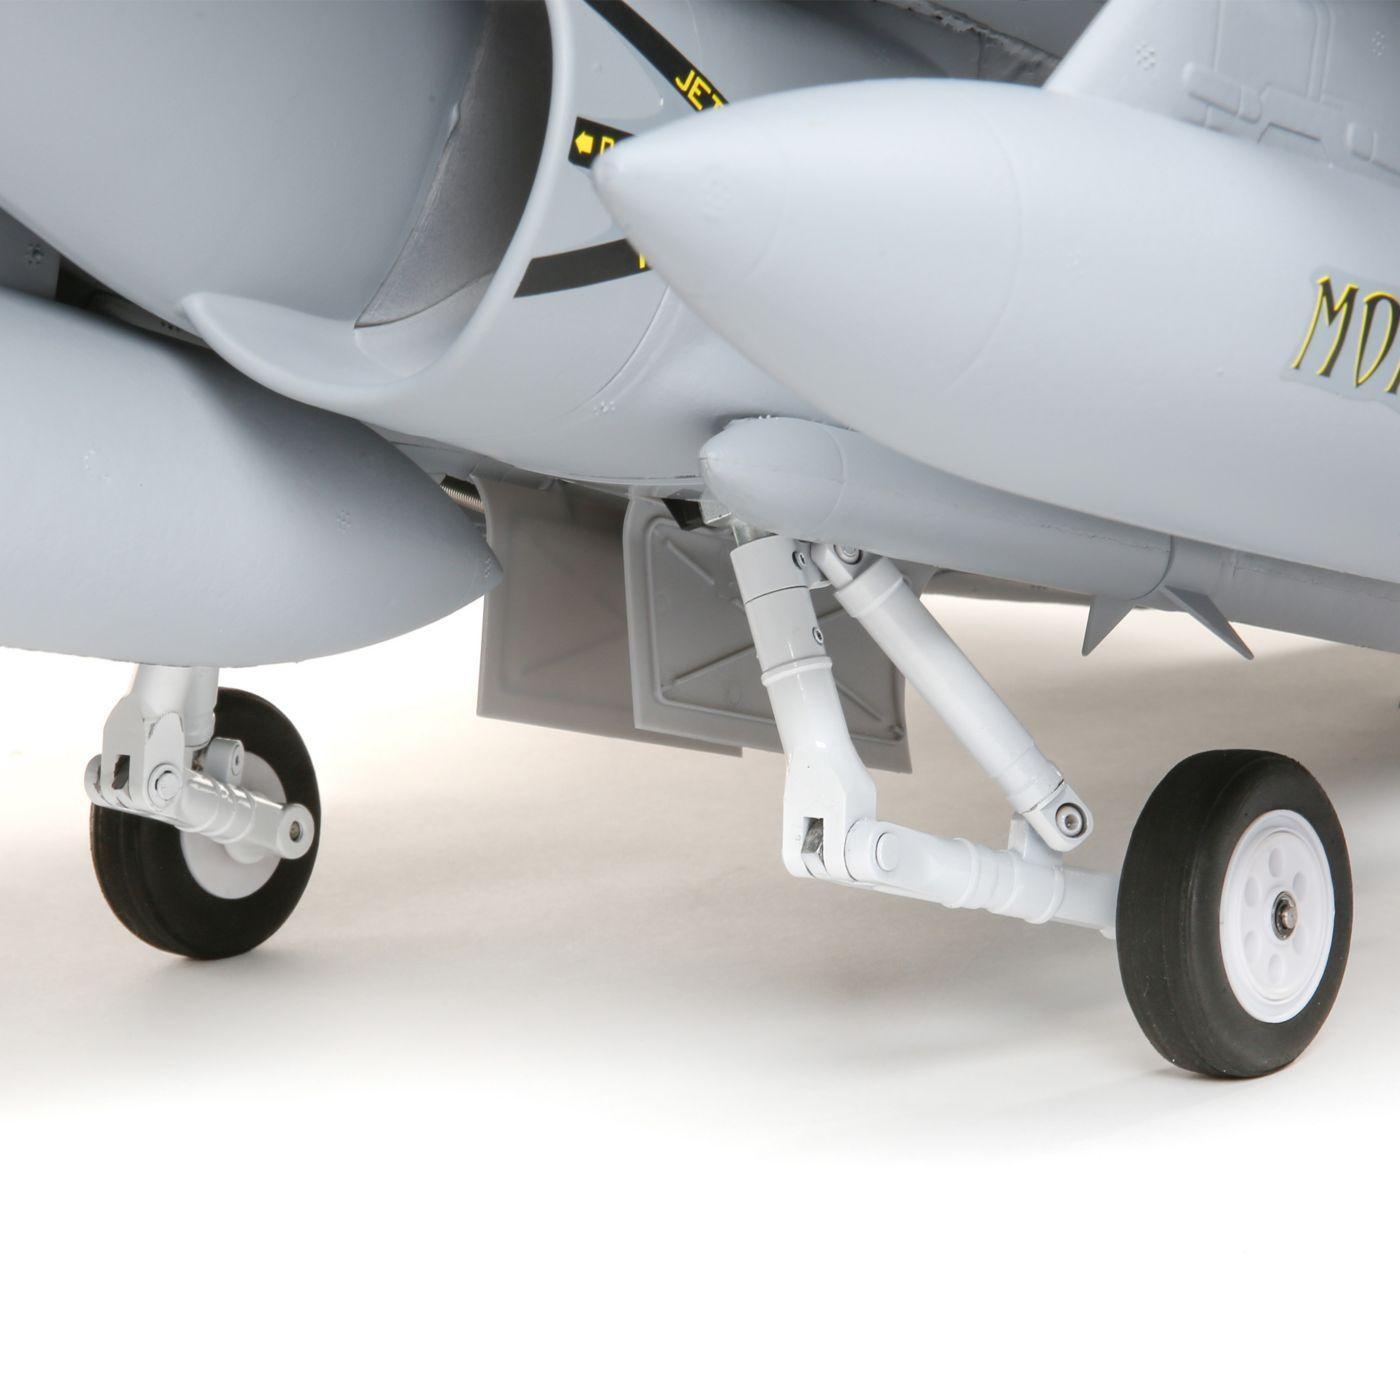 E-flite F-18 Hornet Jet EDF BNF Basic Safe 07